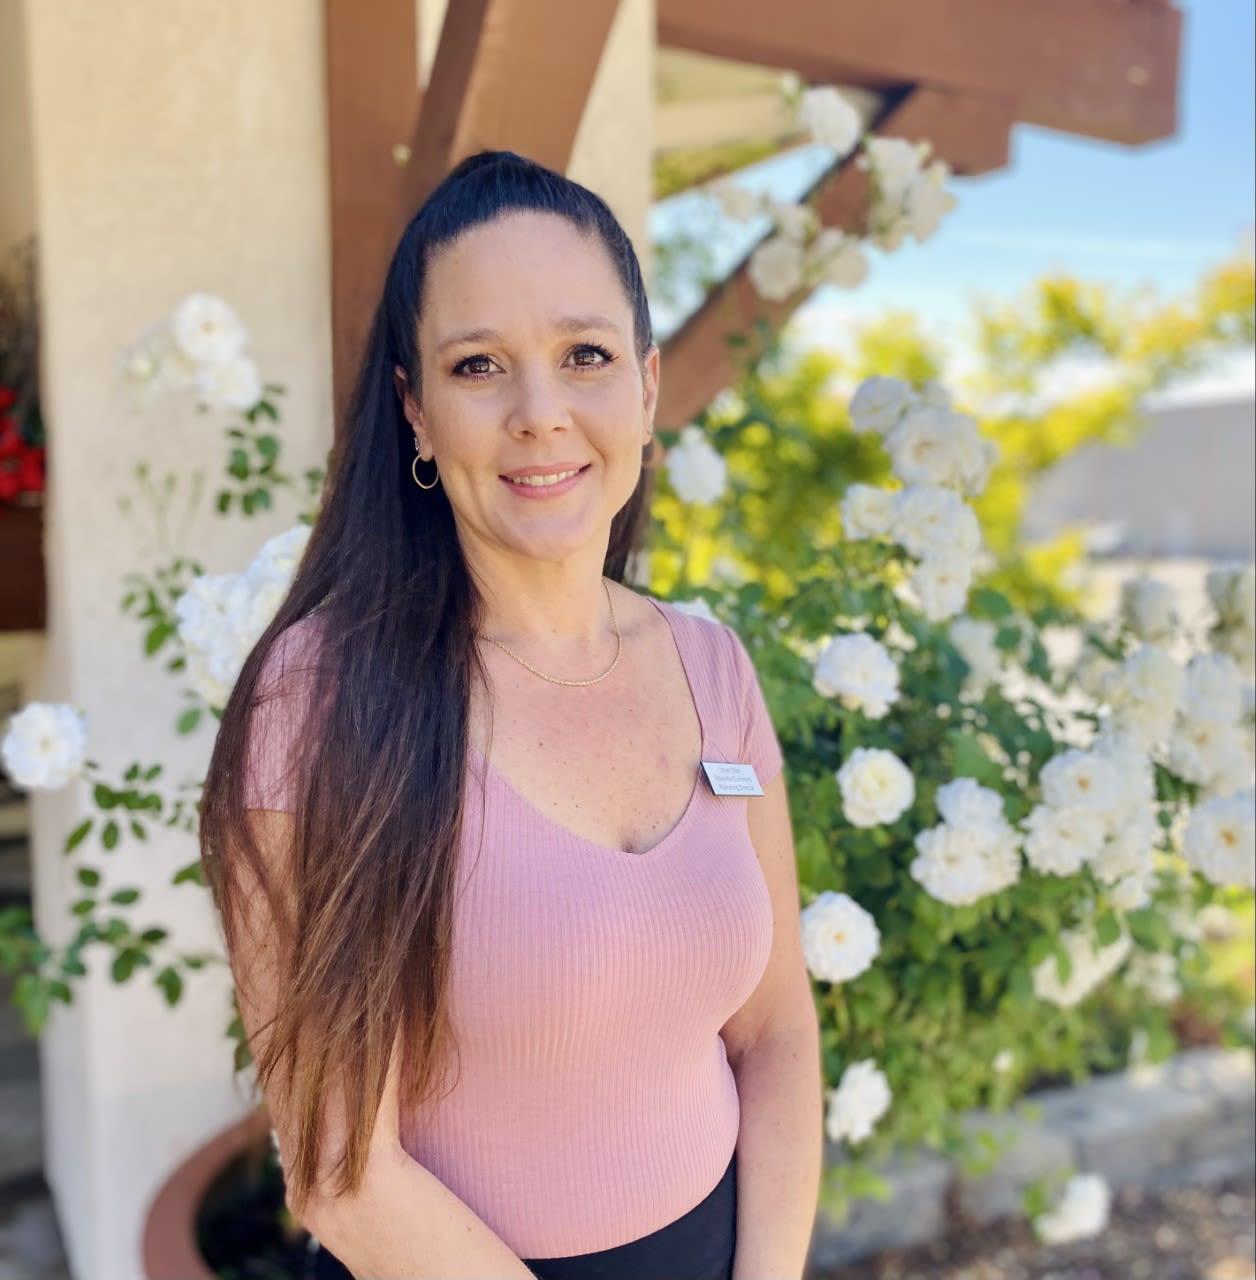 Loree O, Marketing Director at Roseville Commons Senior Living in Roseville, California